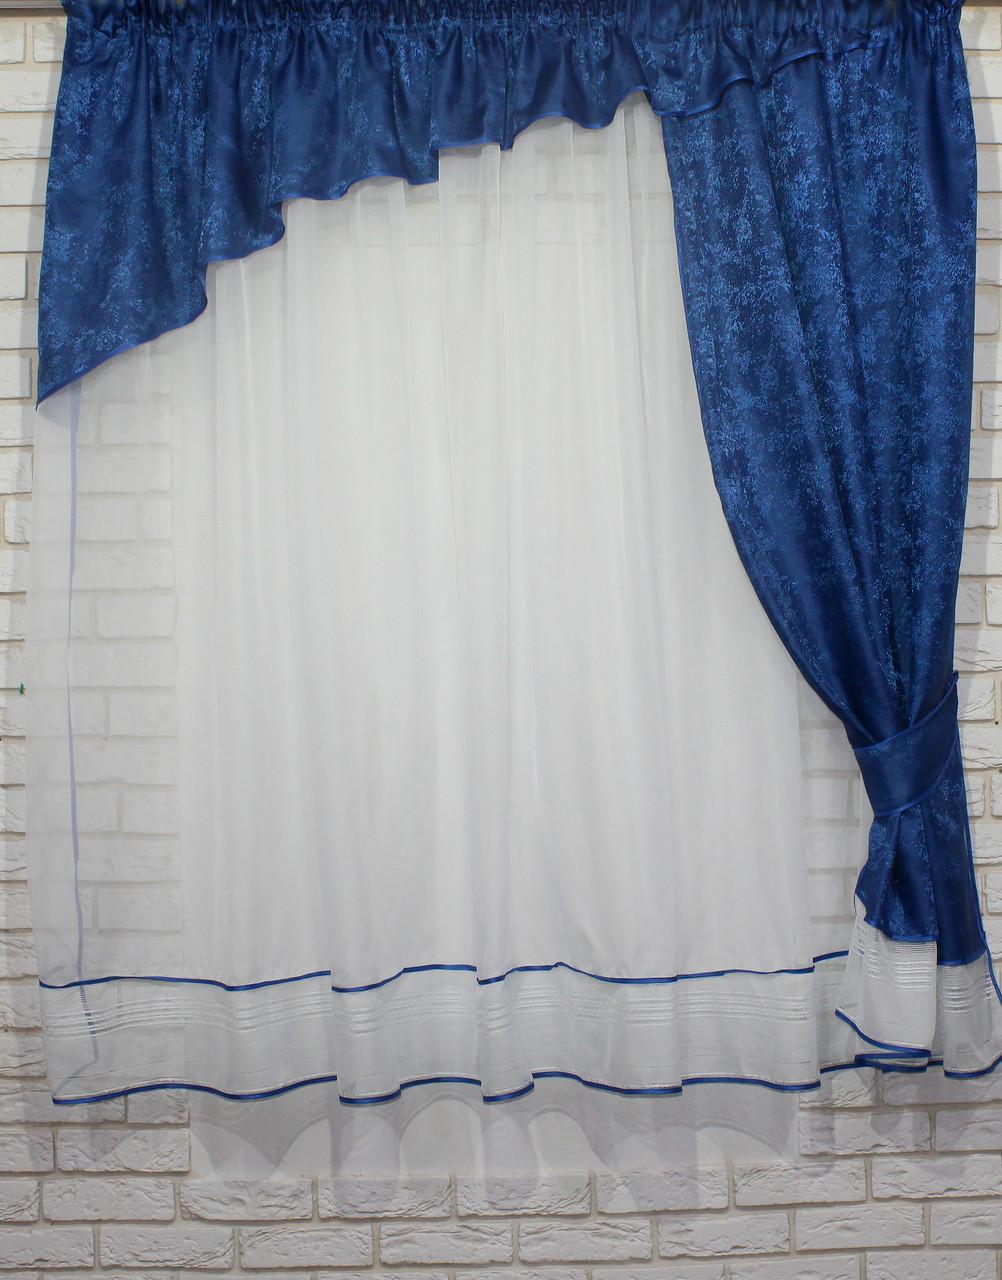 Кухонный комплект. Шторка с гардиной,(1,45х1,7м.)Цвет синий. е924